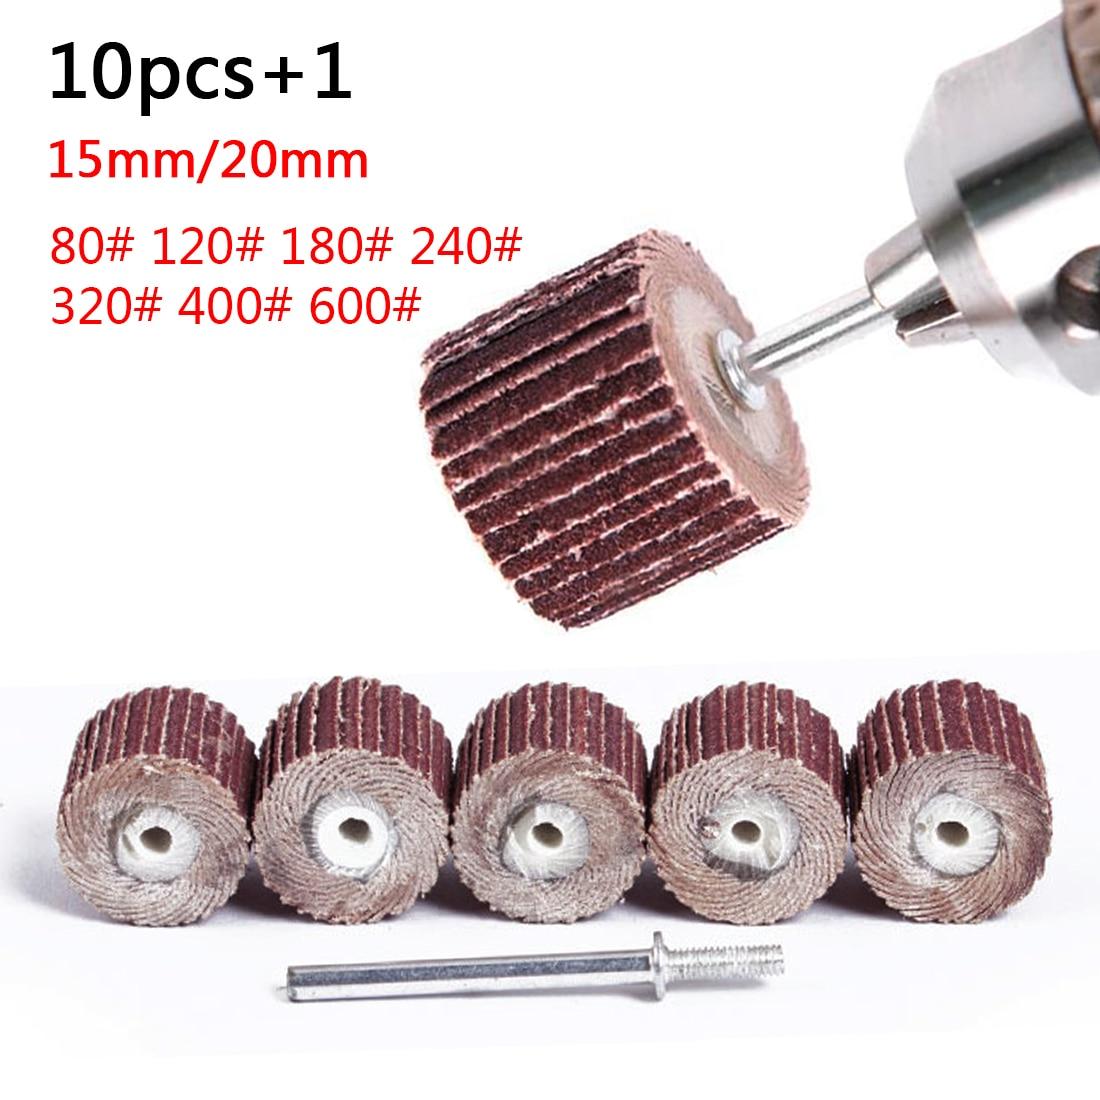 10PC 10-12mm Dremel Accessories Sandpaper Sanding Flap Polishing Wheels Sanding Disc Shutter Polishing Wheel For Rotary Tool